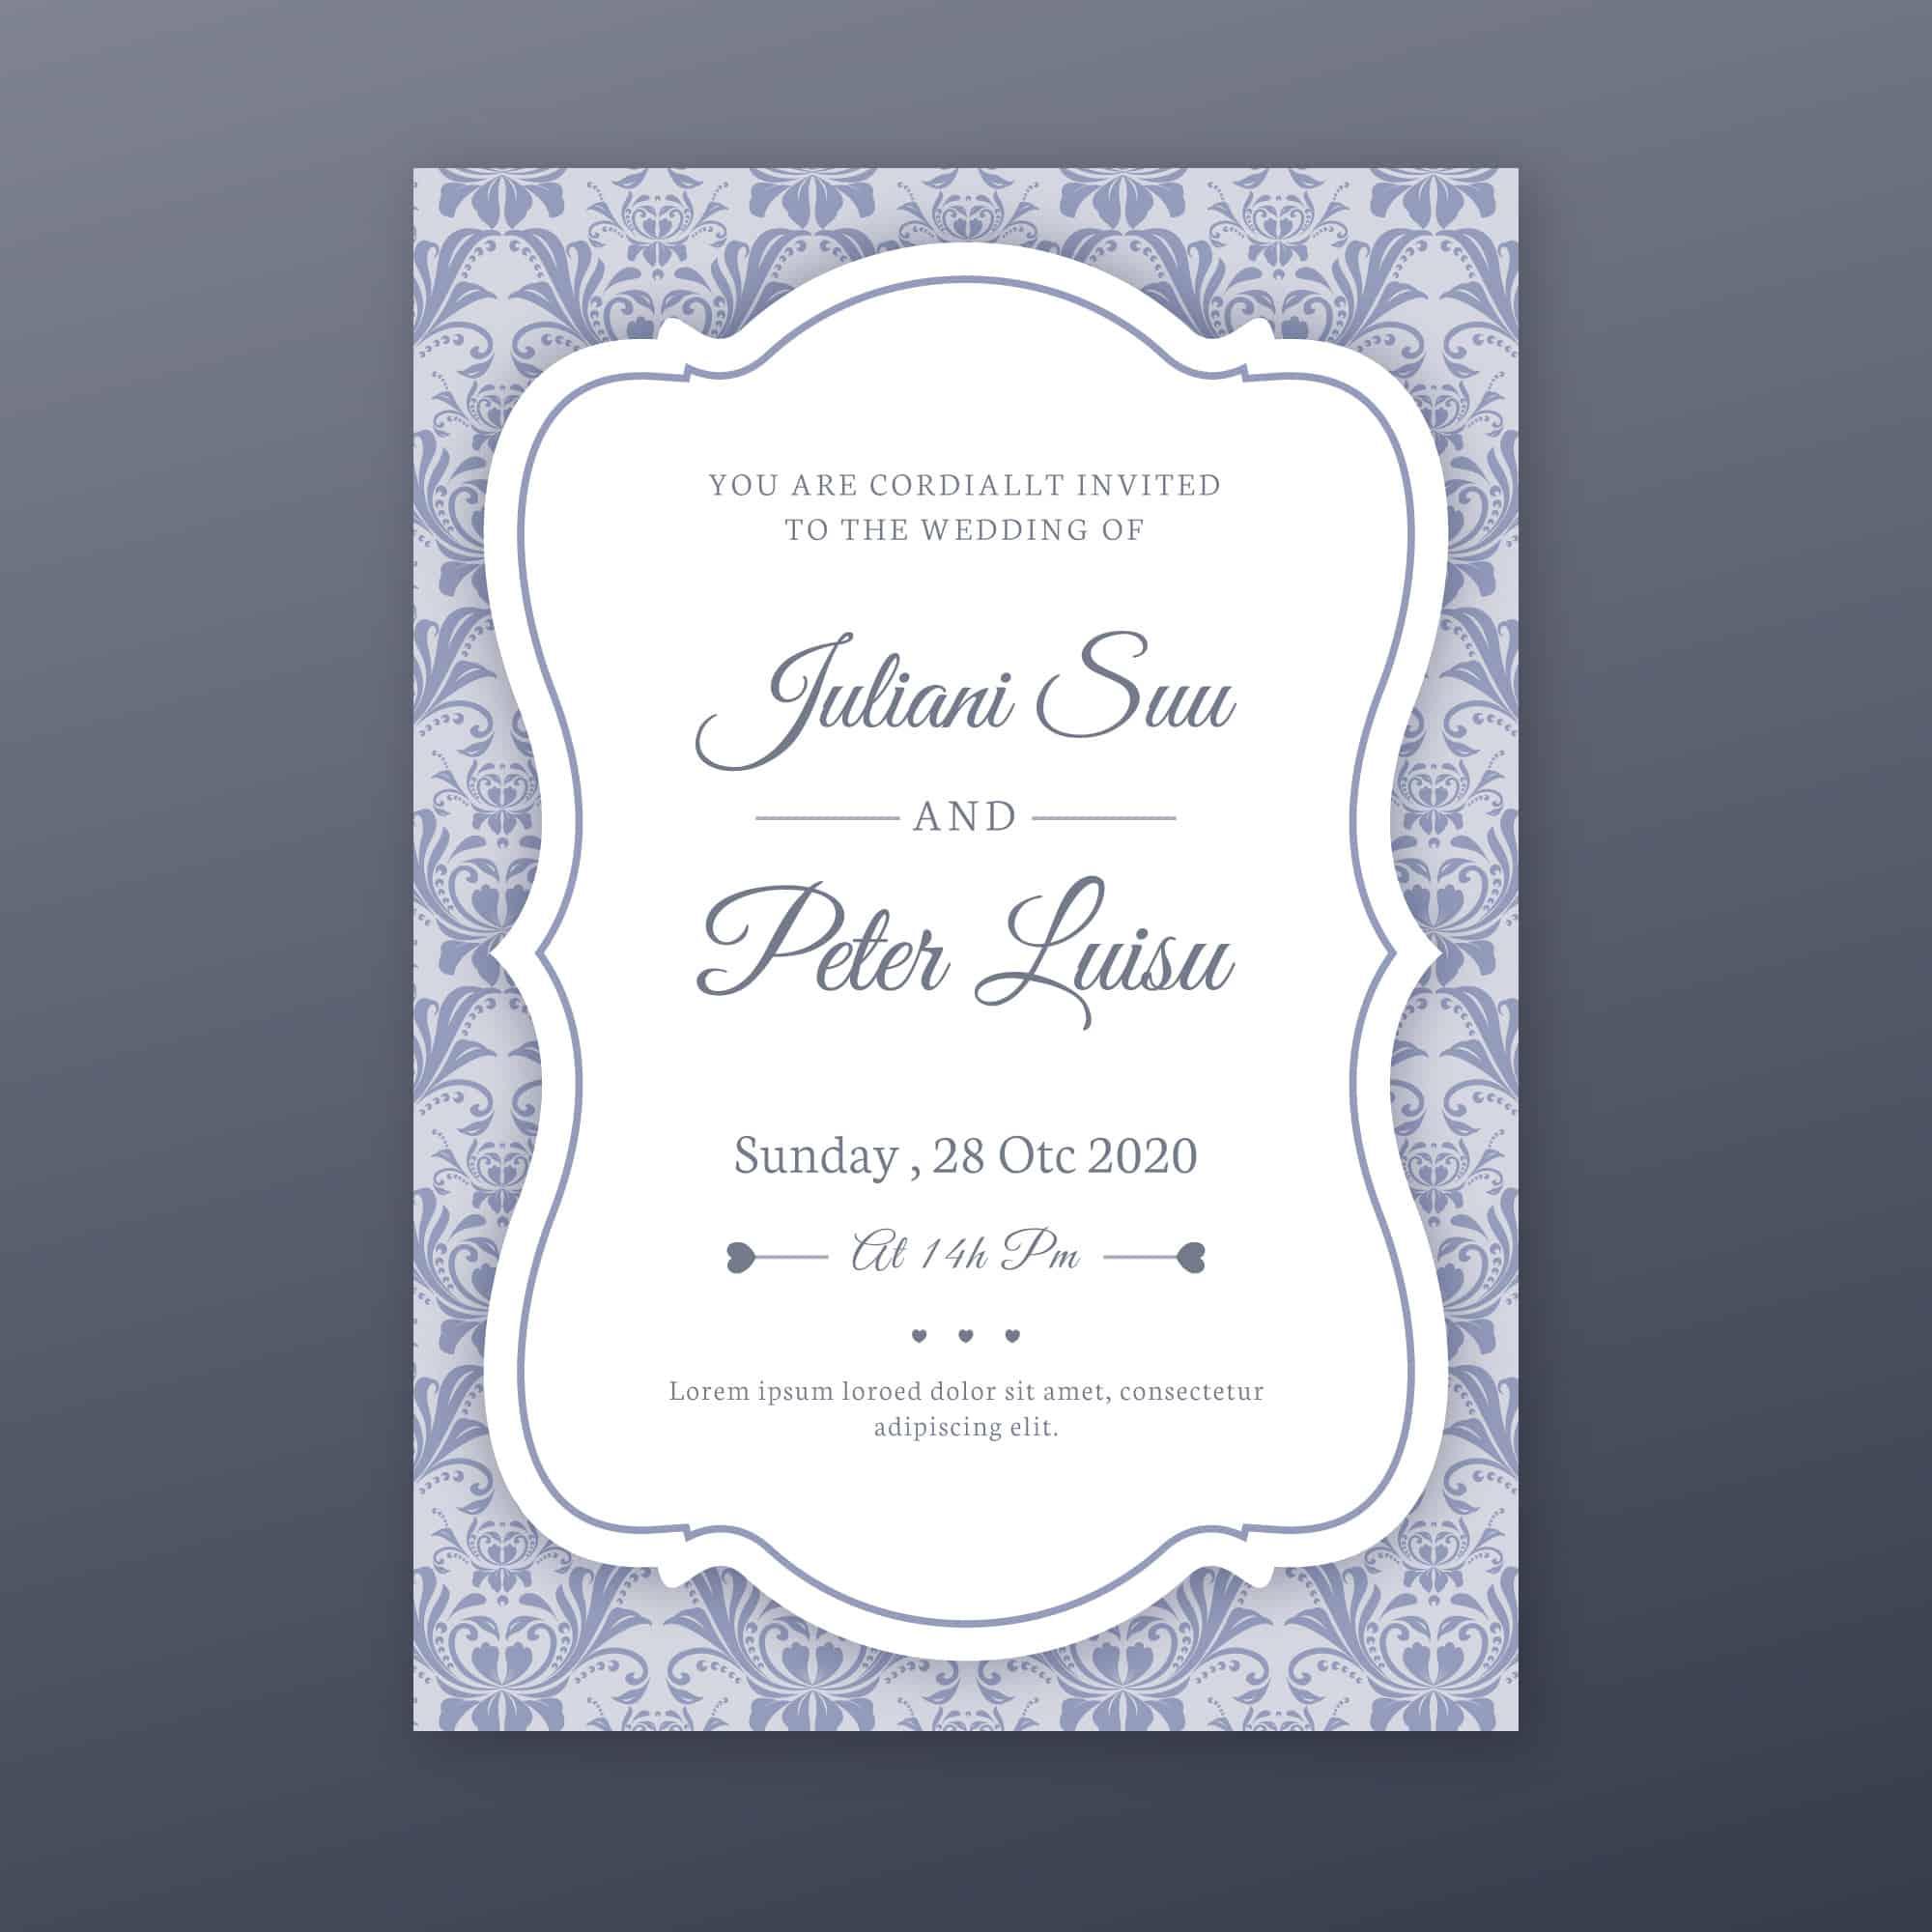 Dusty Blue - Wedding Invitations